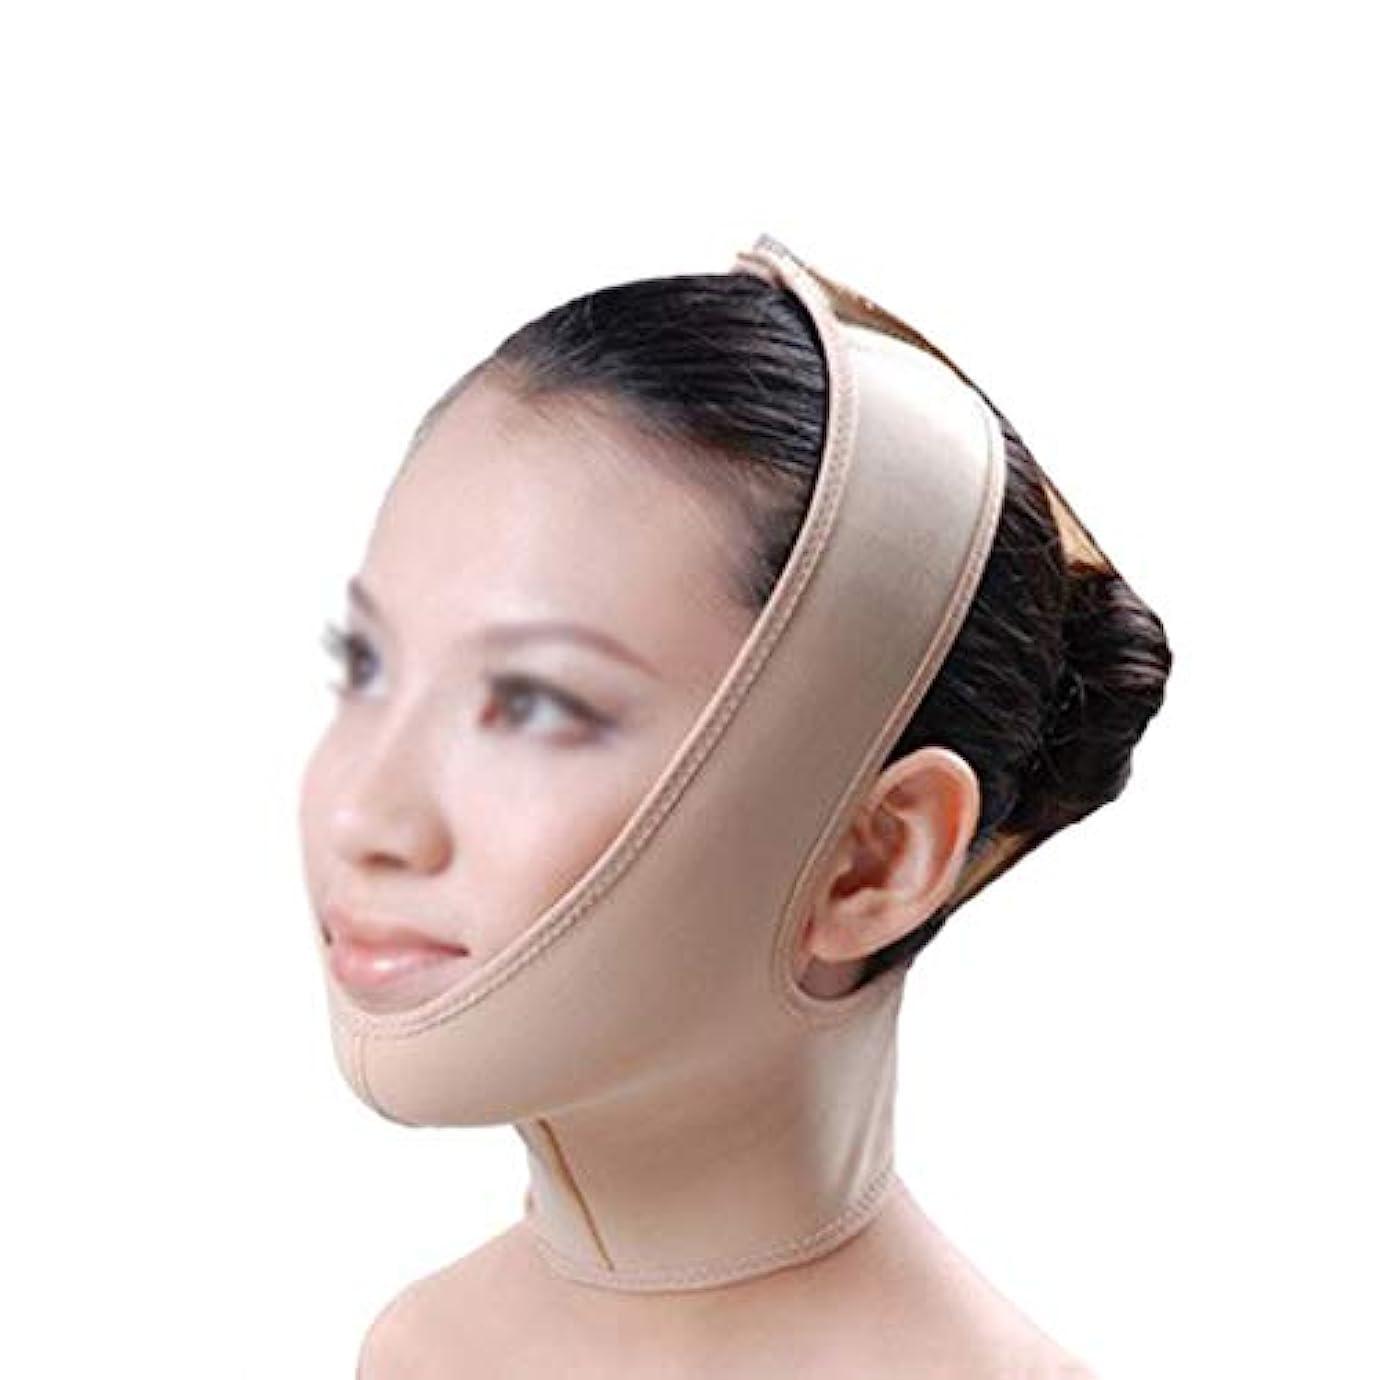 ピッチタービン食欲ダブルチンストラップ、包帯リフト、引き締めフェイシャルリフト、フェイシャル減量マスク、リフティングスキン包帯,男性と女性の両方が使用できます (Size : M)